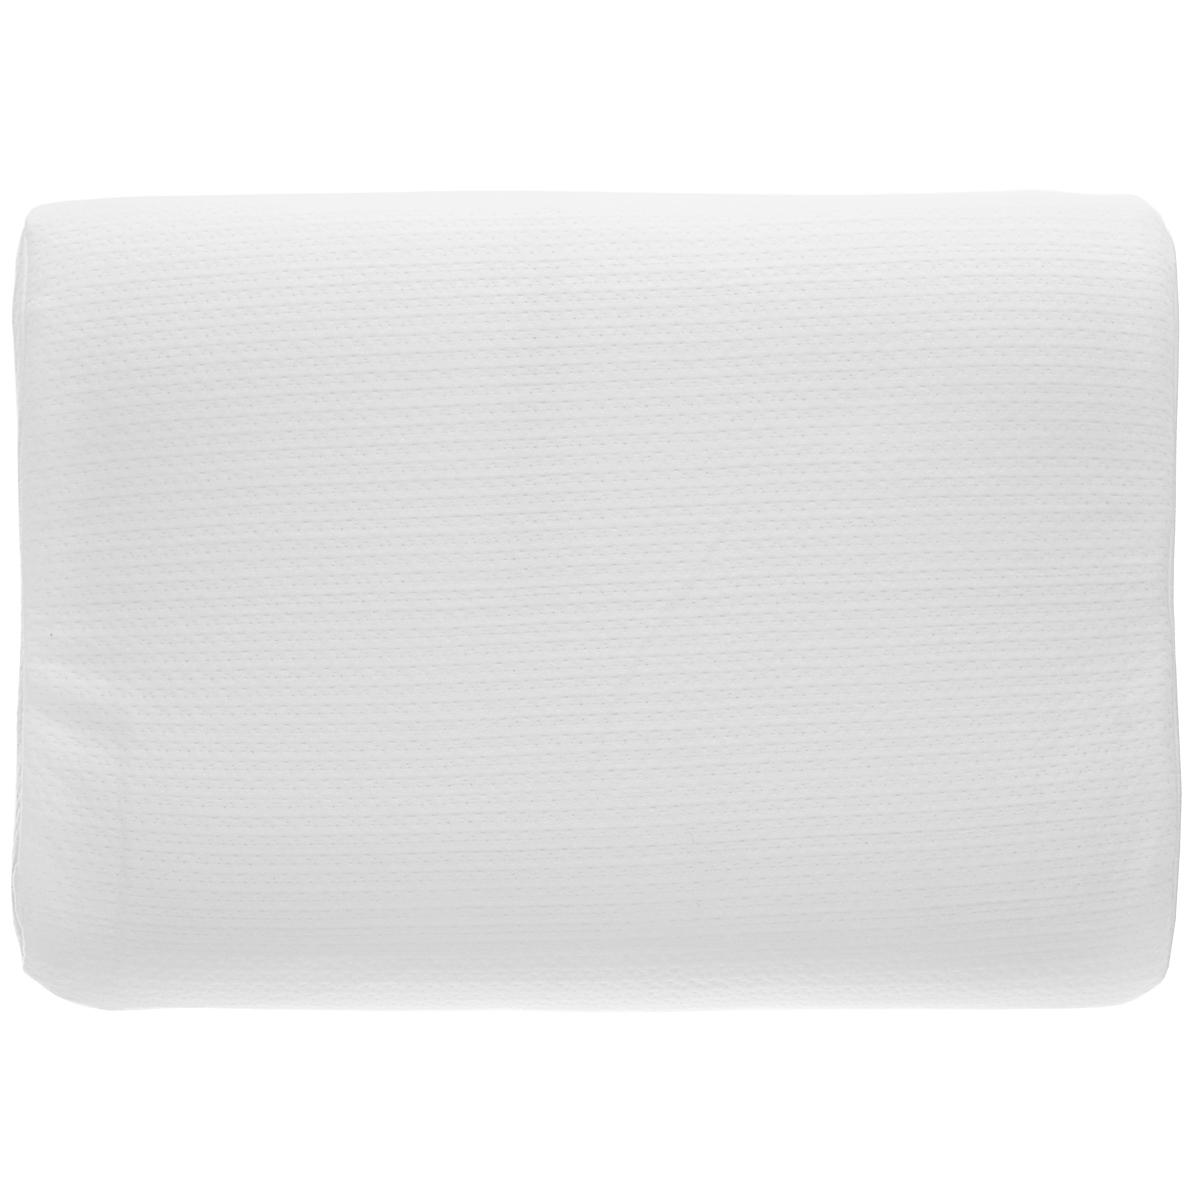 Подушка анатомическая Райтон Калиго, низкая, цвет: белый, 40 х 60 см7497